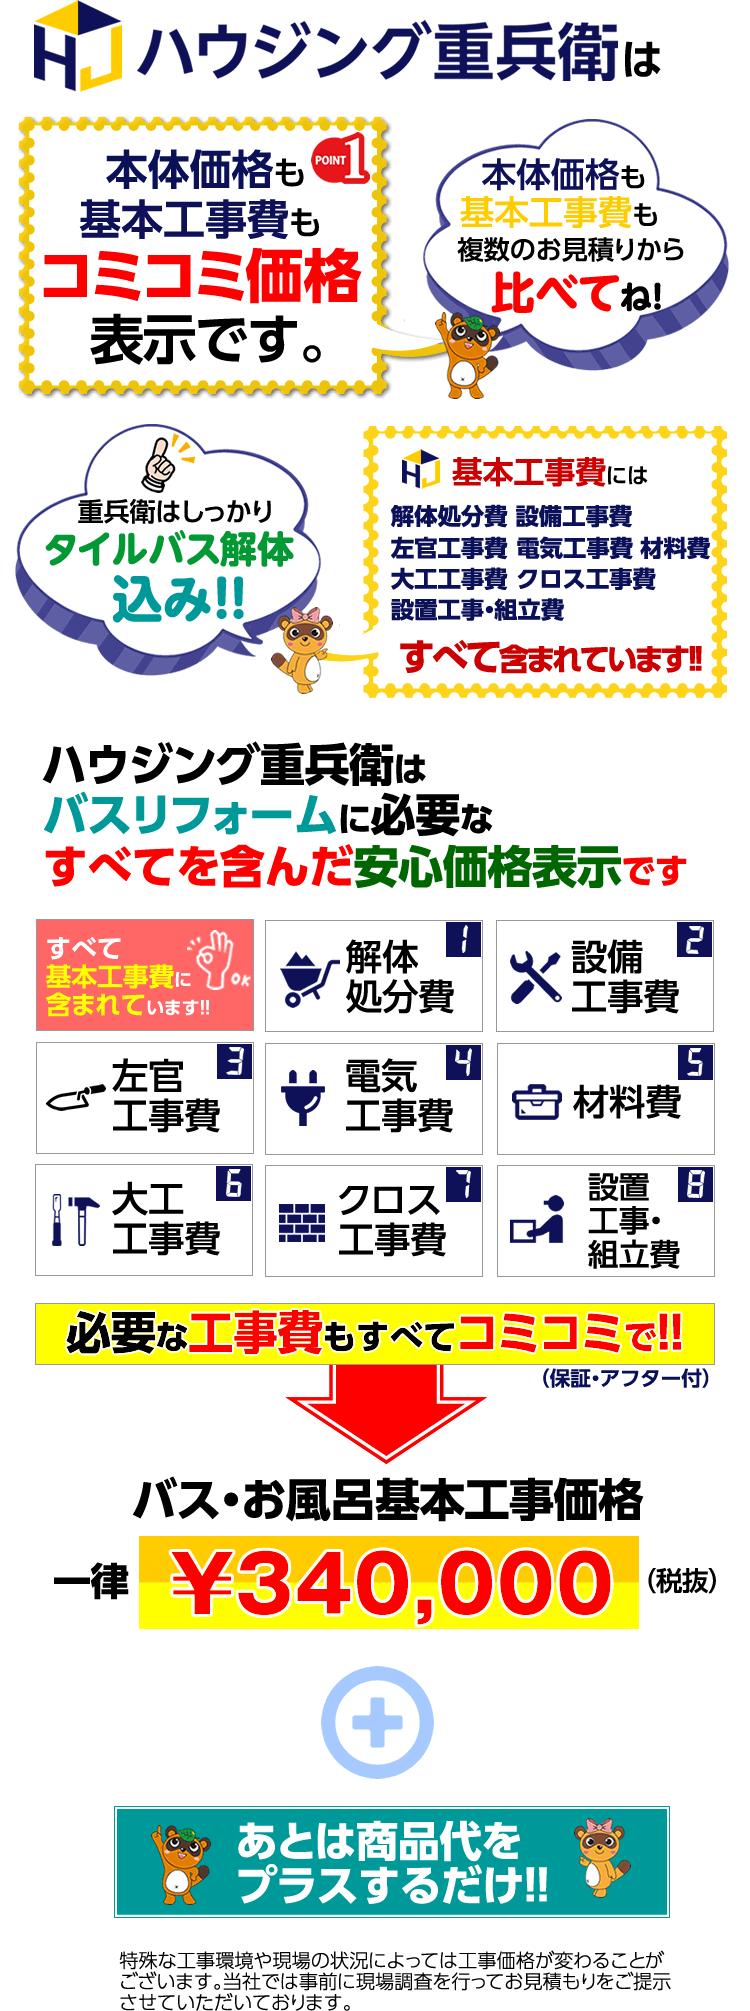 重兵衛は【商品価格+コミコミ基本工事費】